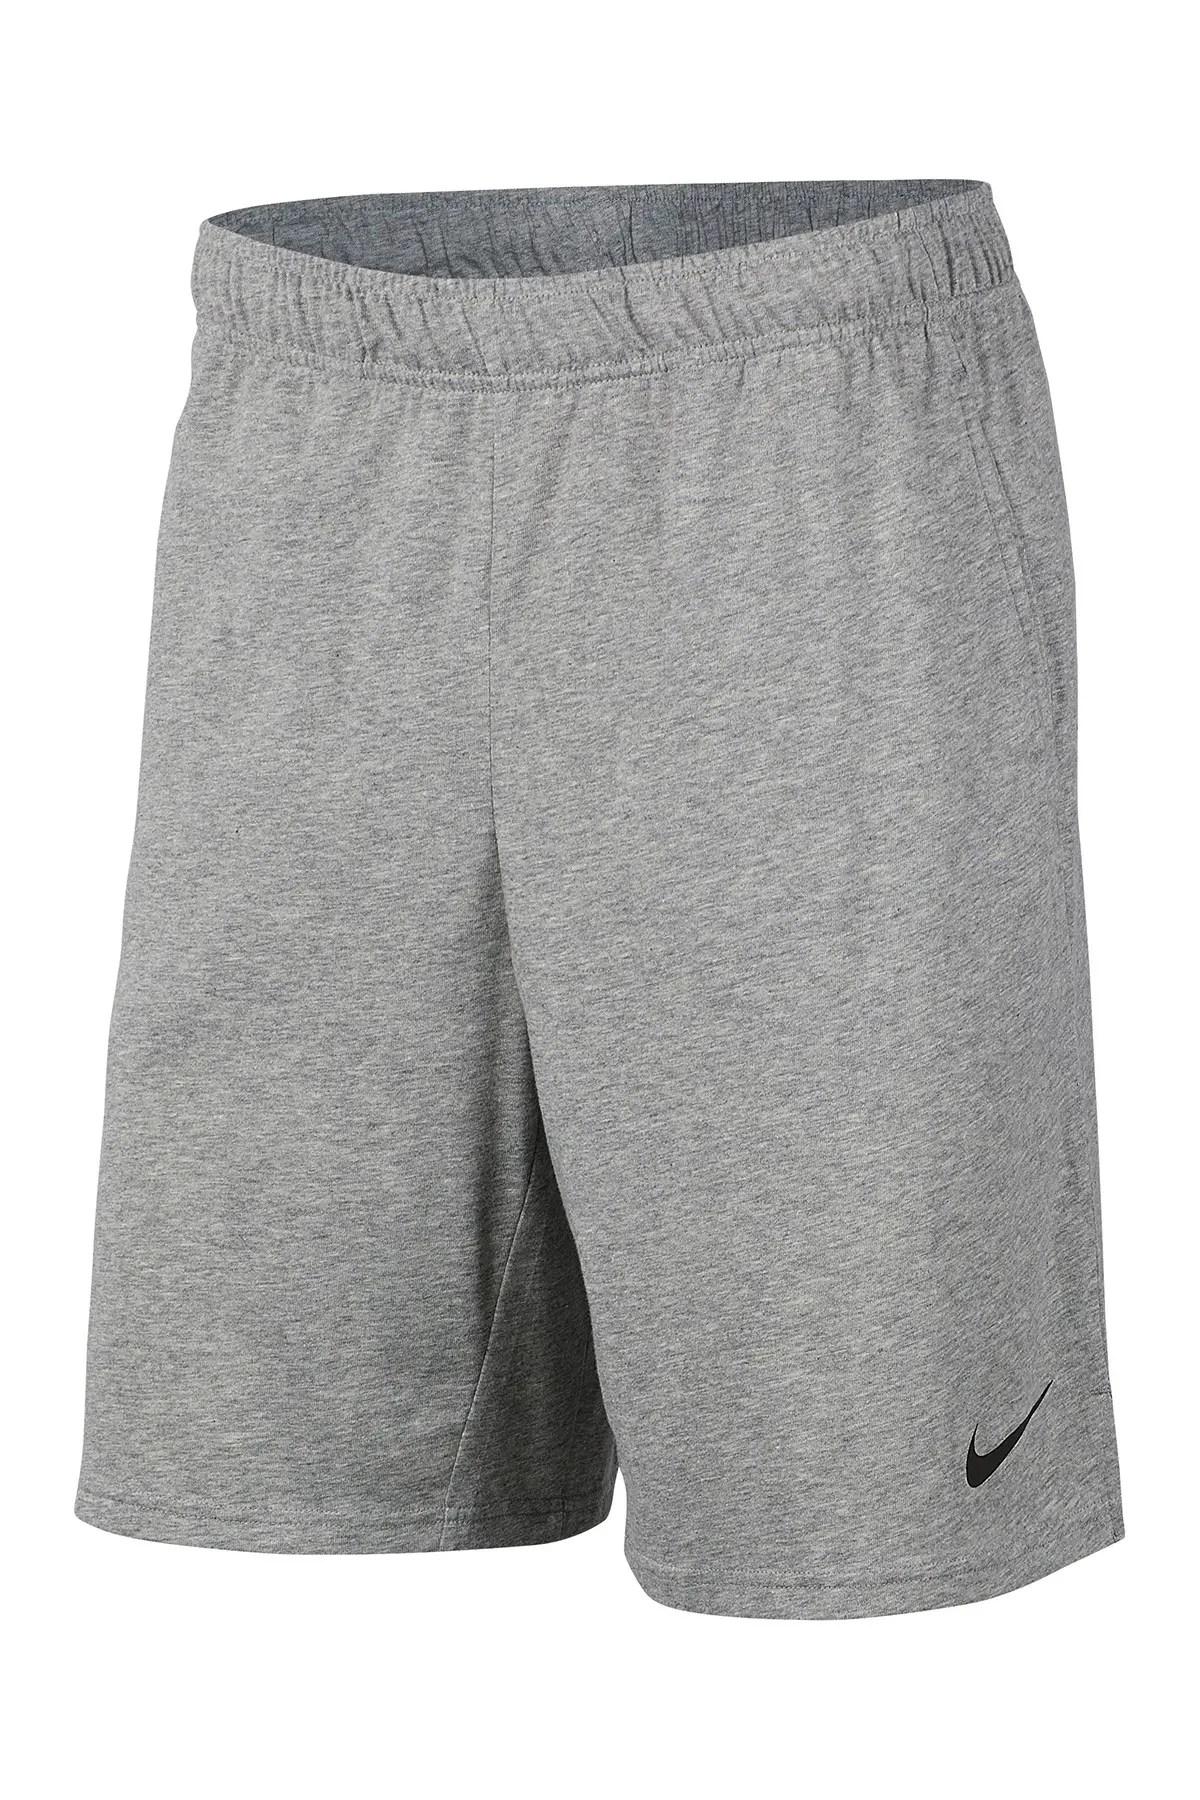 nike men s shorts nordstrom rack